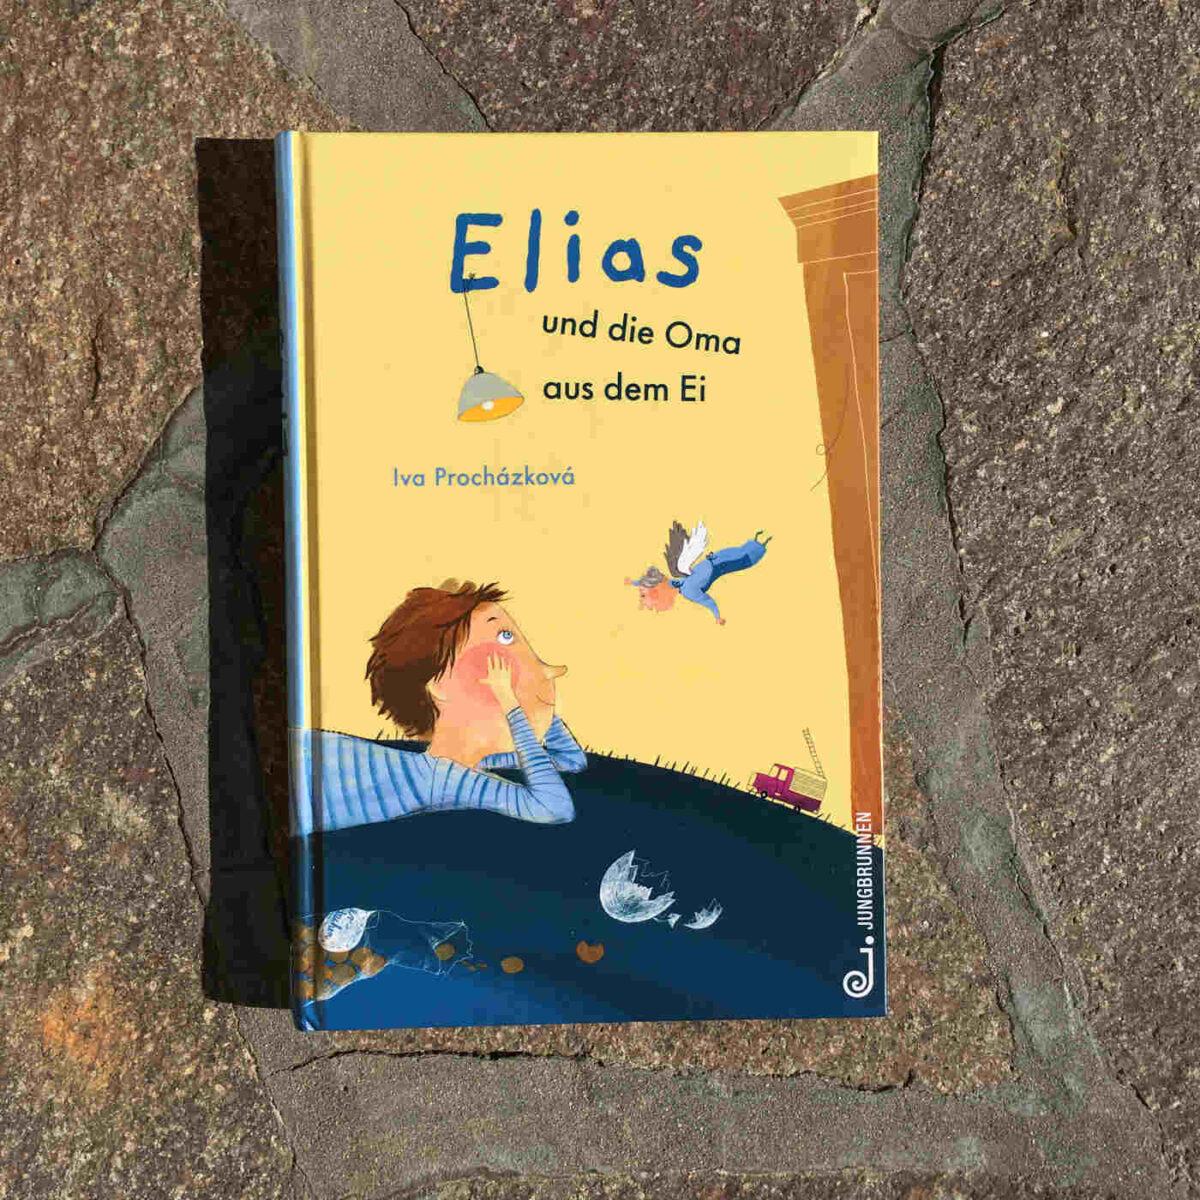 Elias Eltern haben wenig Zeit, dafür schlüpft eine Oma aus seinem Ei